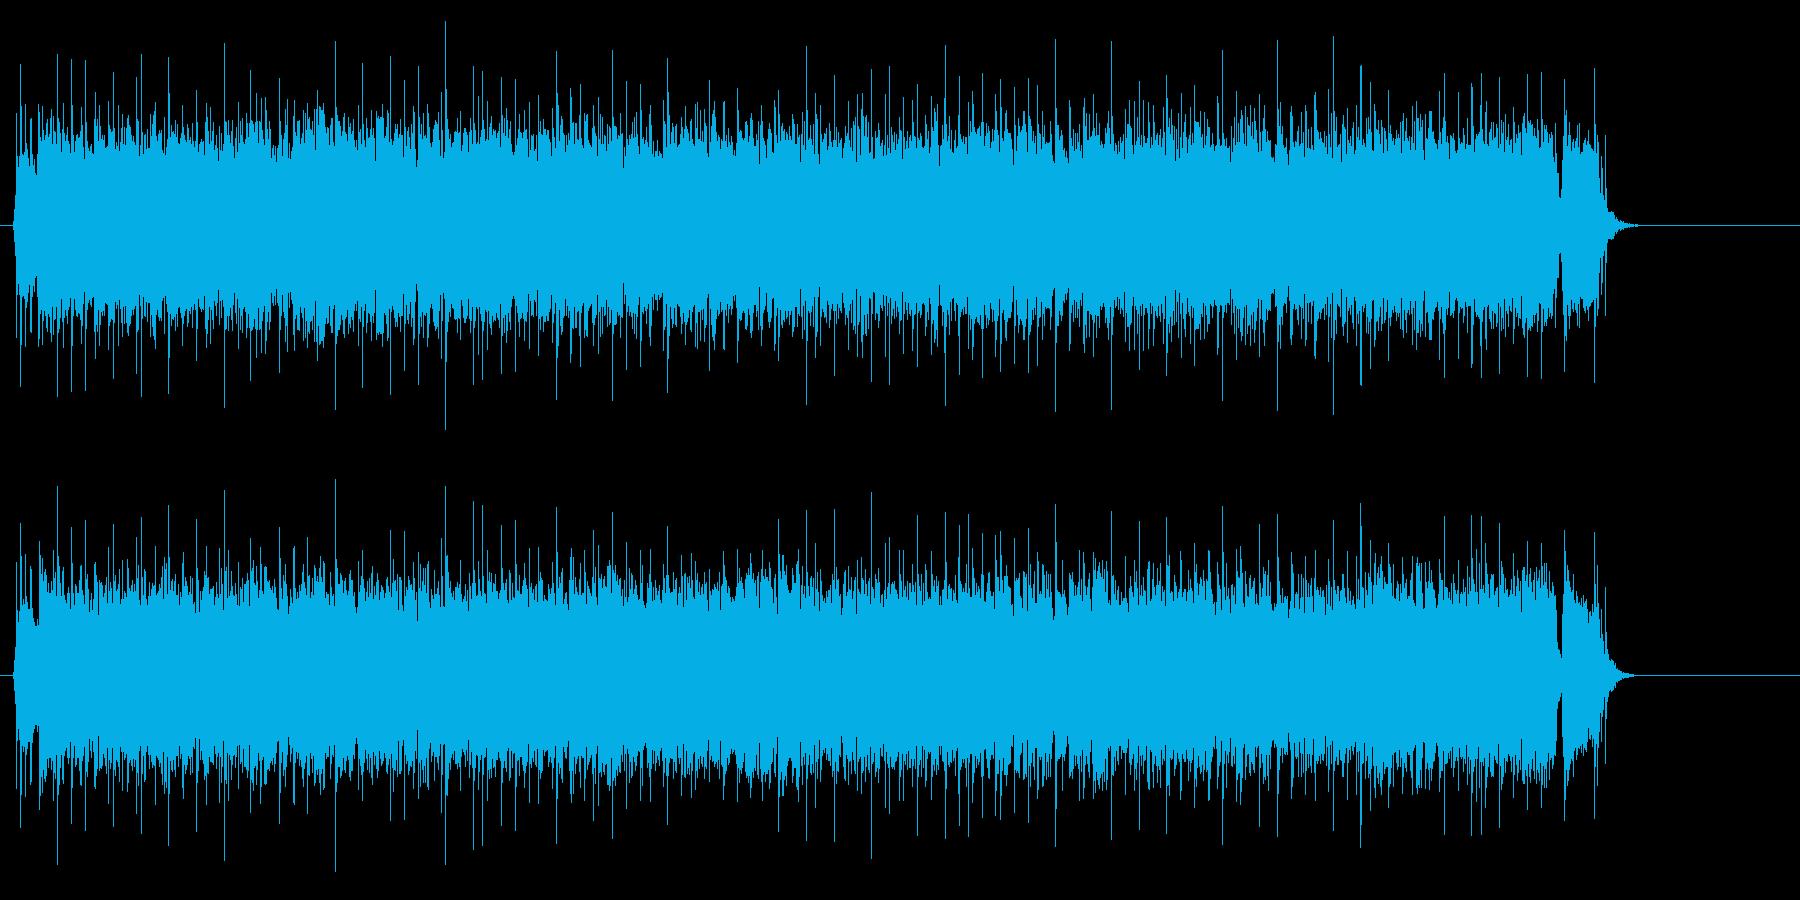 若者の熱いブギー調ロック/ポップの再生済みの波形